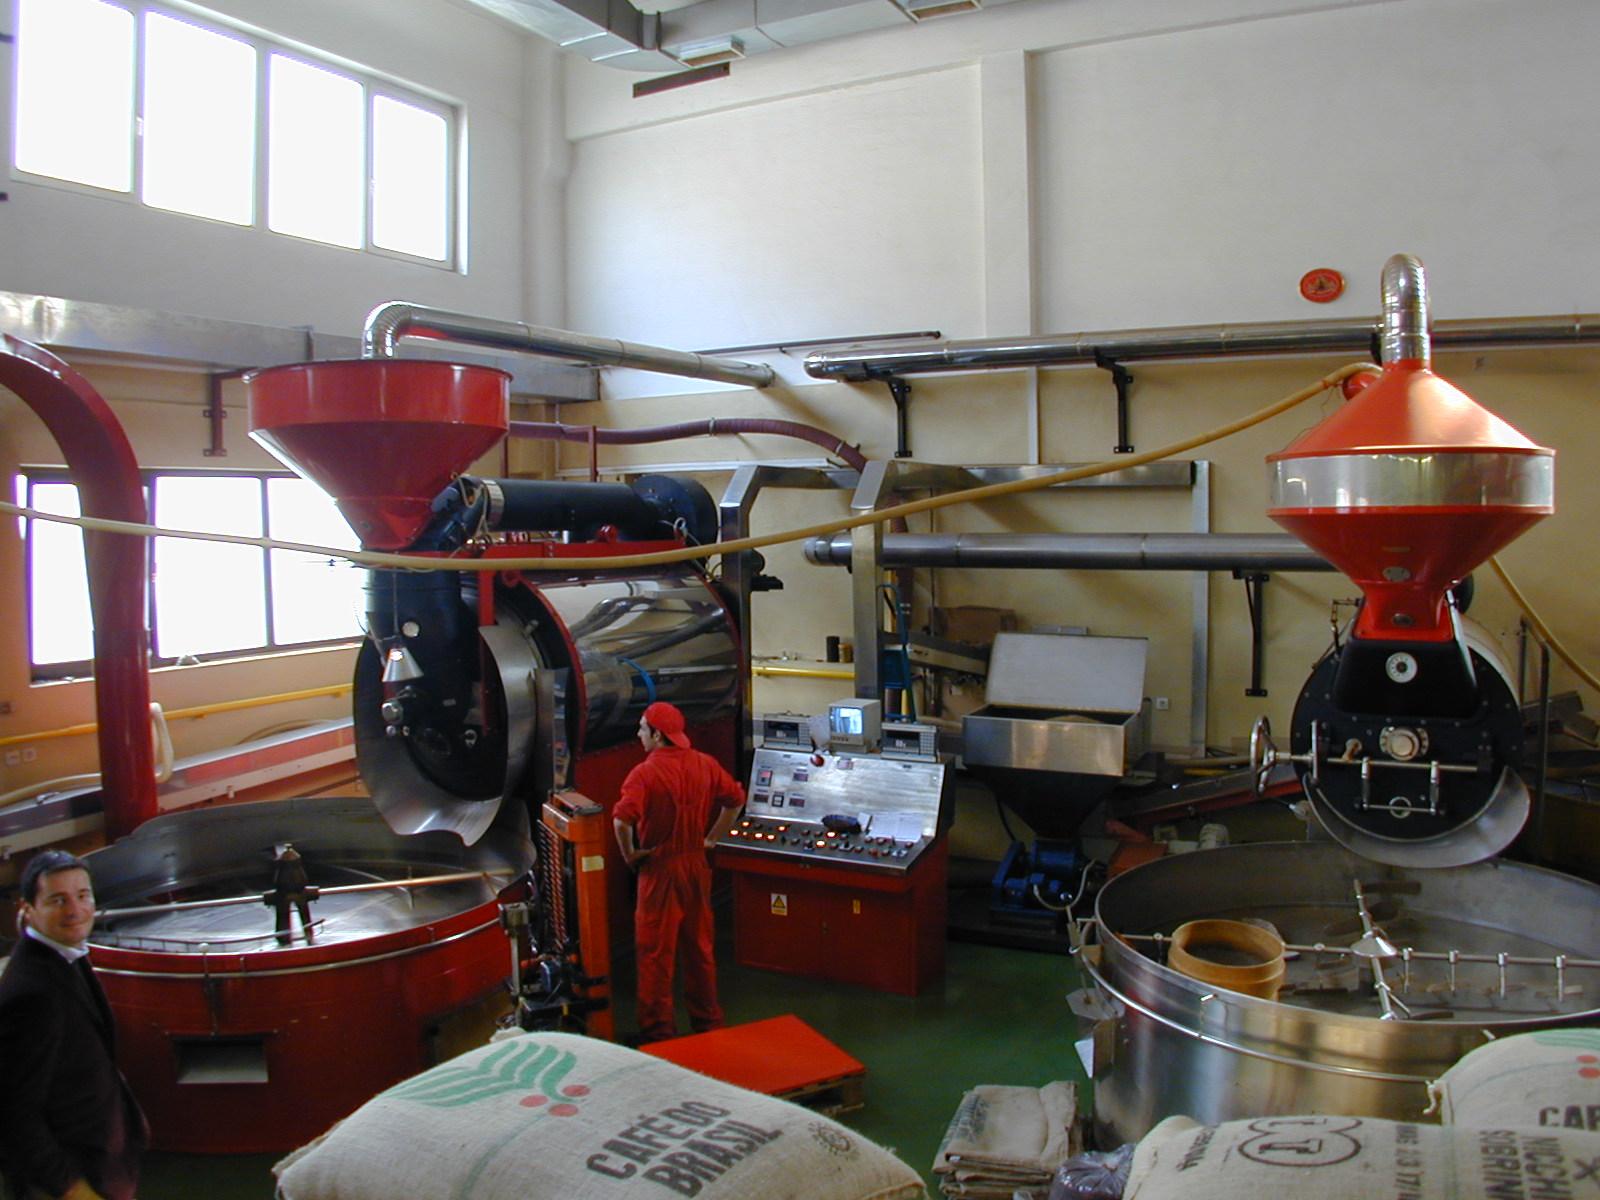 Macchine per torrefazione caffè usate